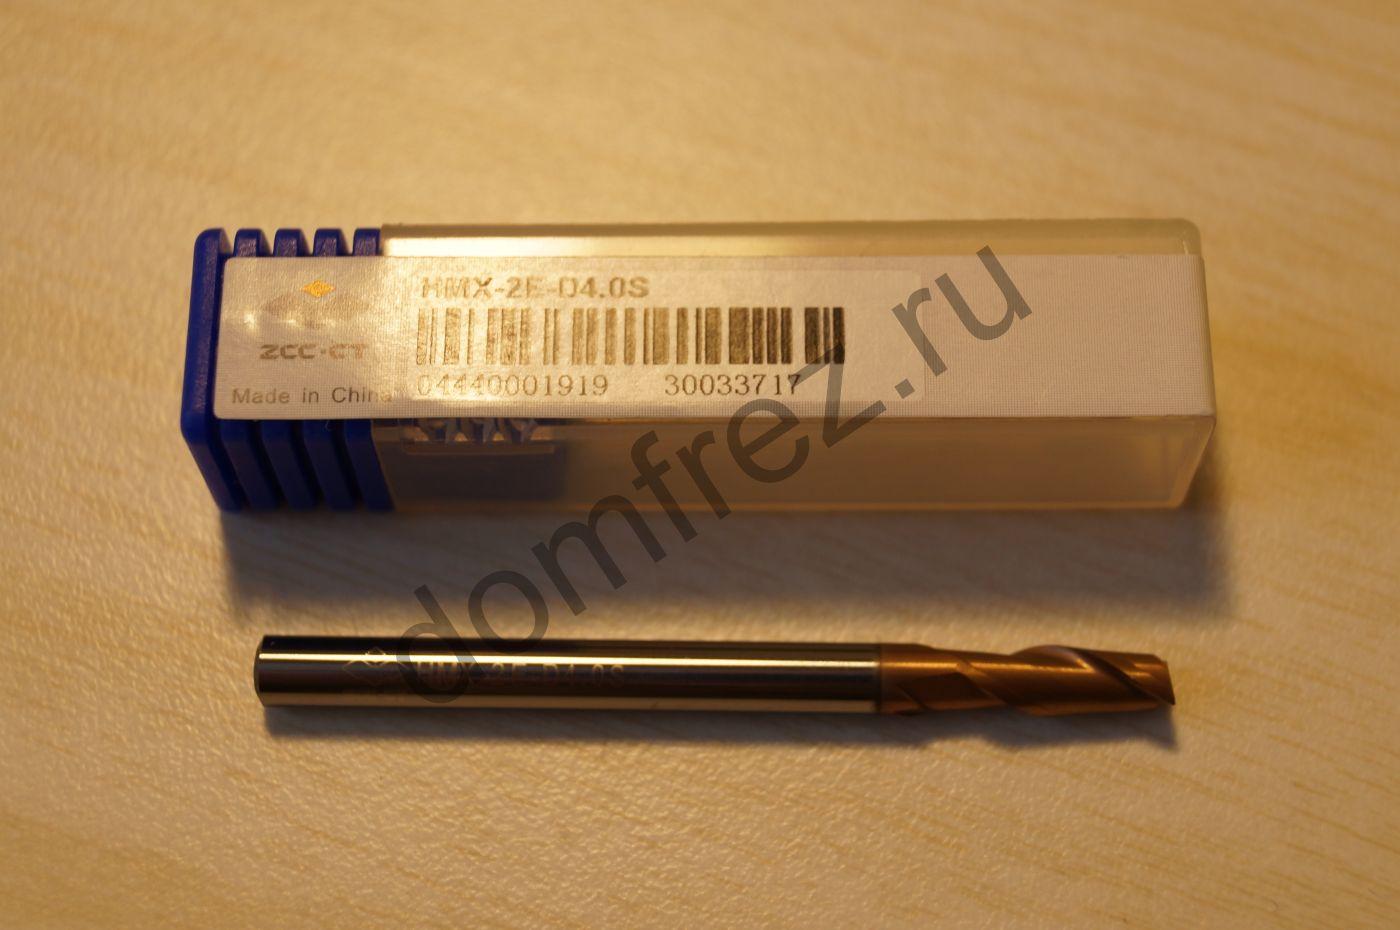 Фреза HM/HMX-2E-D4.0S